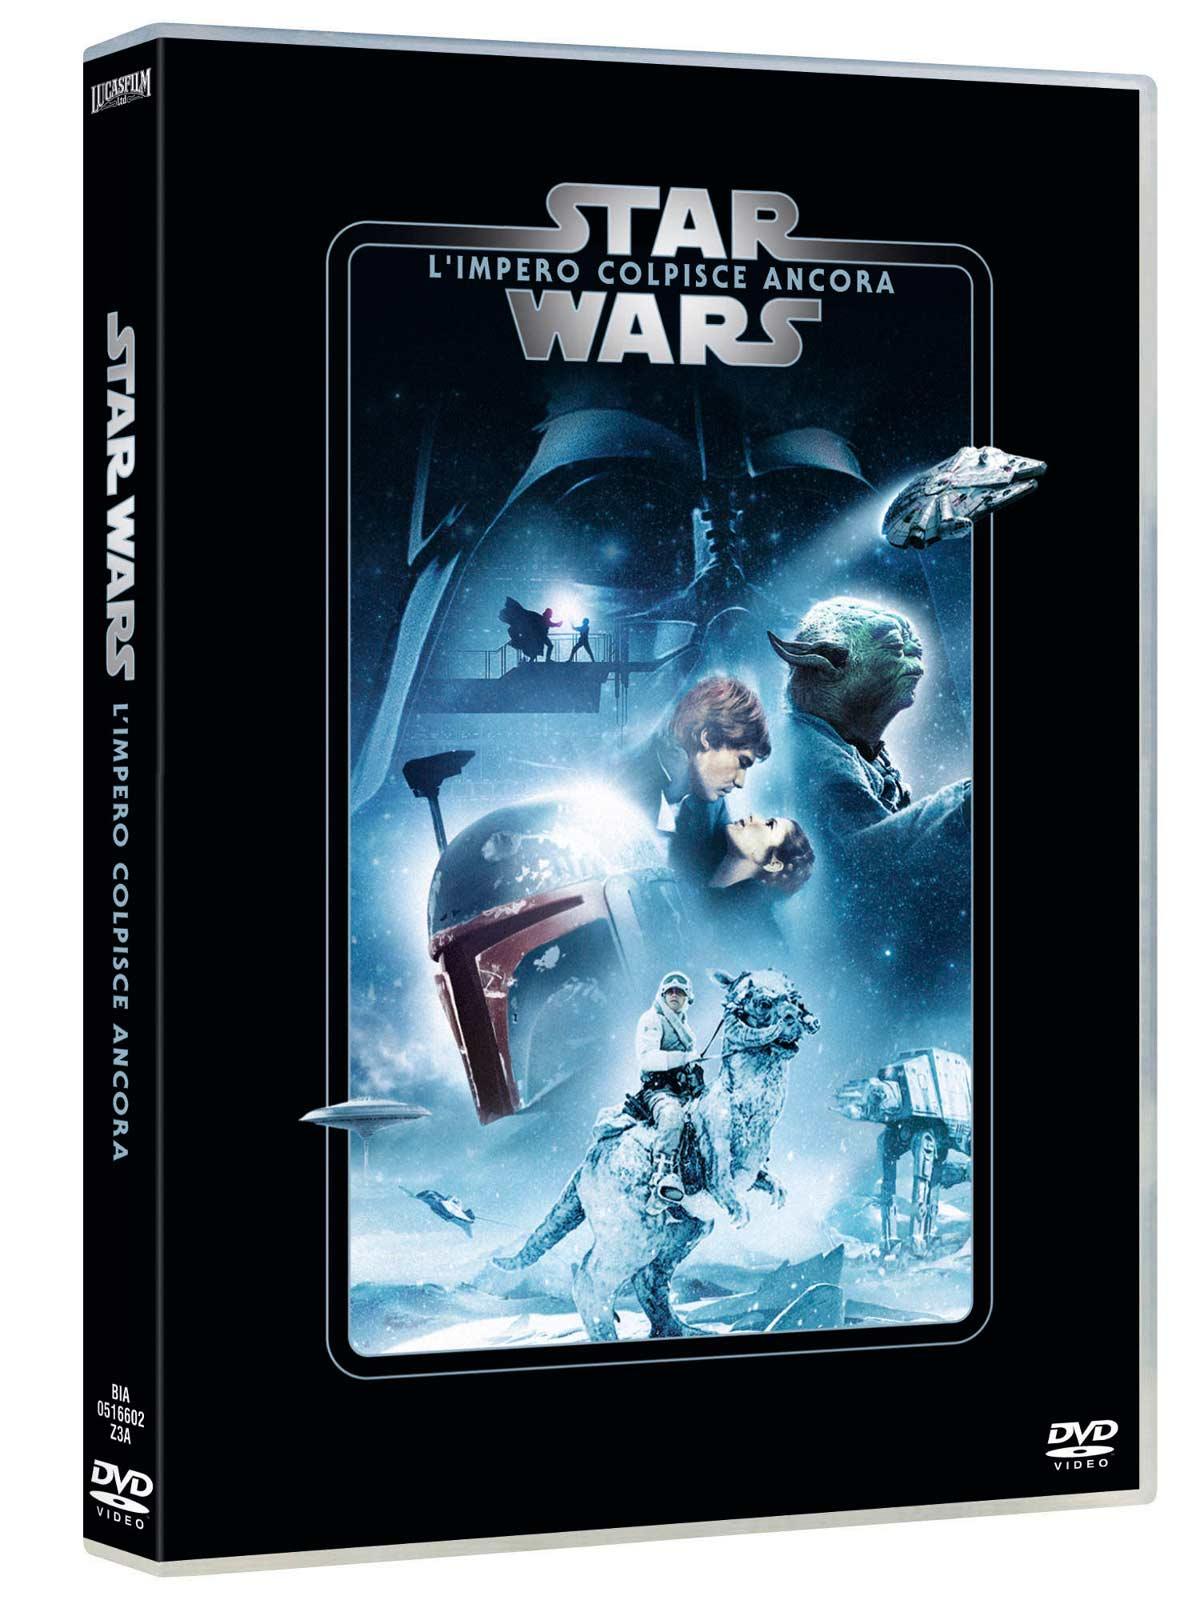 STAR WARS - EPISODIO V - L'IMPERO COLPISCE ANCORA (DVD)